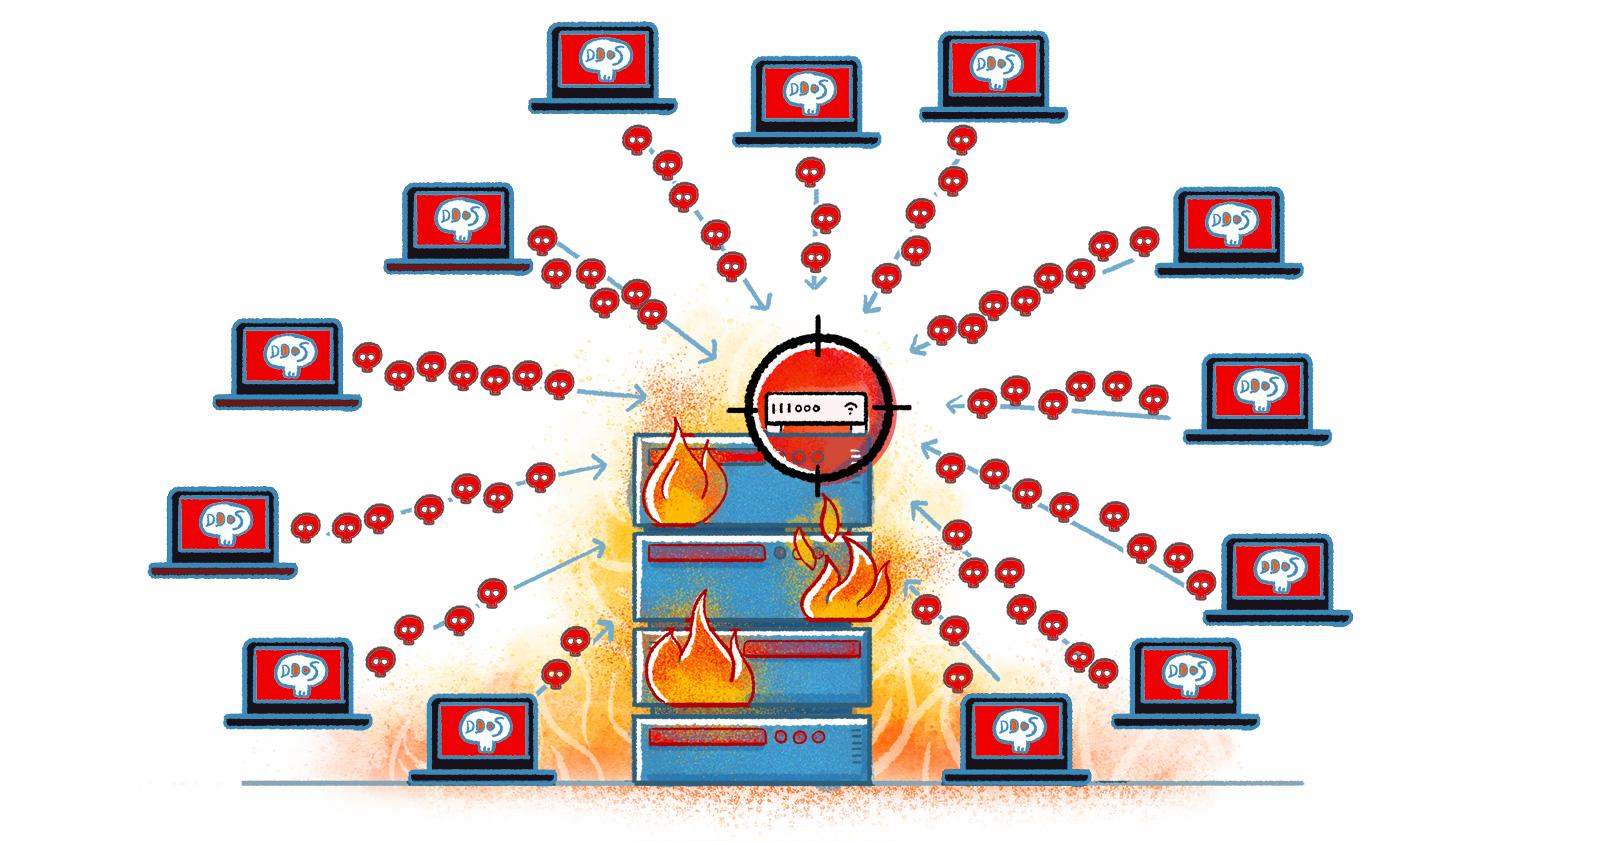 DDOS aanval gericht tegen de modem van de school